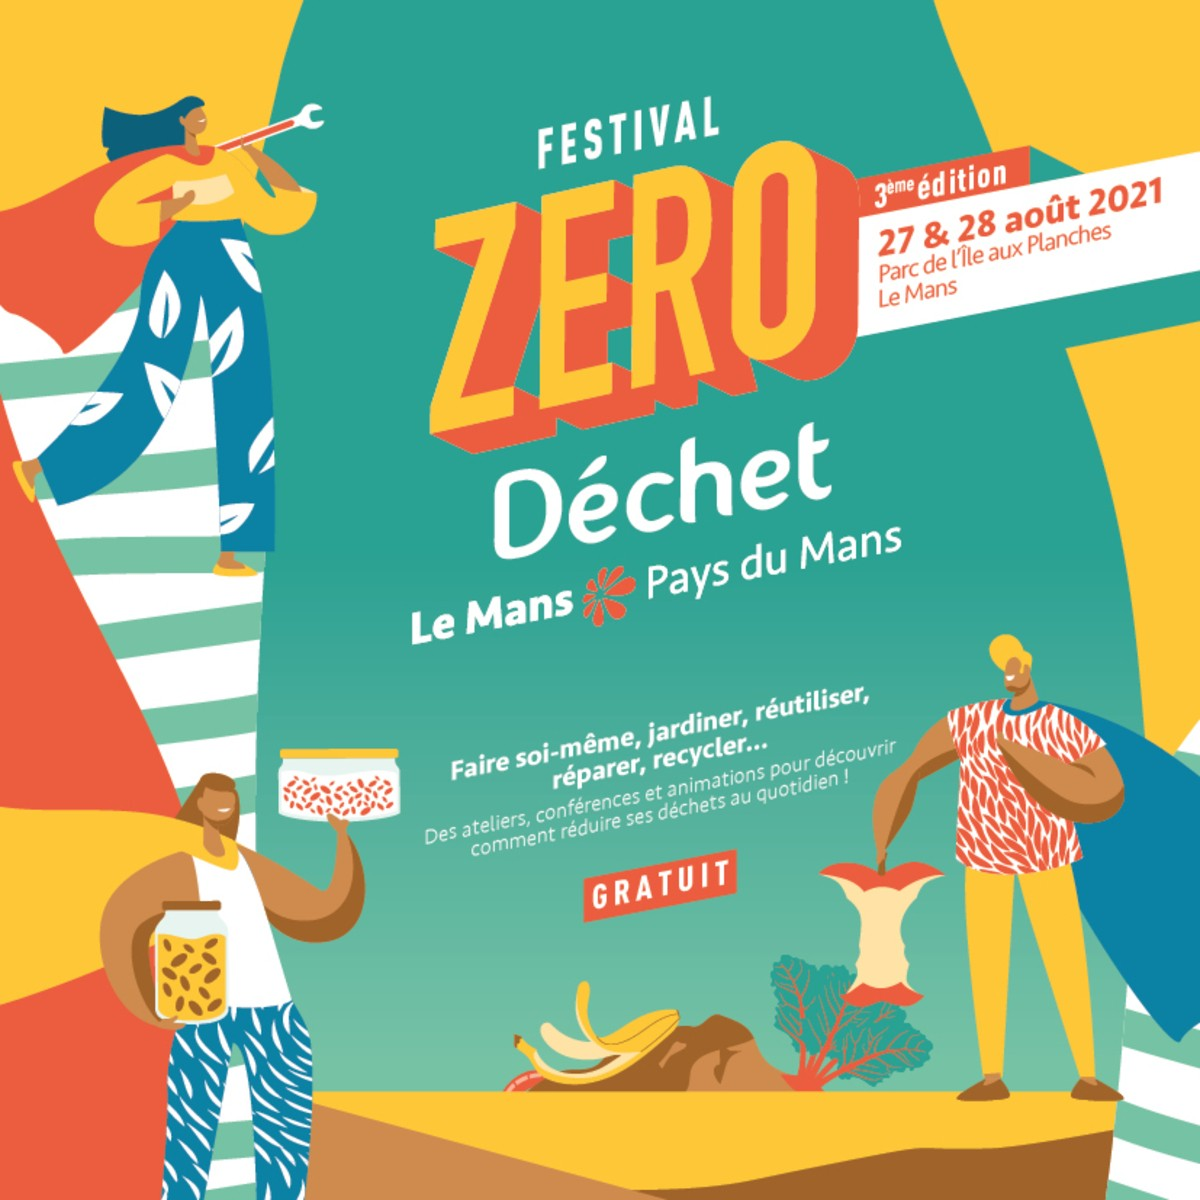 Festival Zéro Déchet Le Mans: 3ème édition